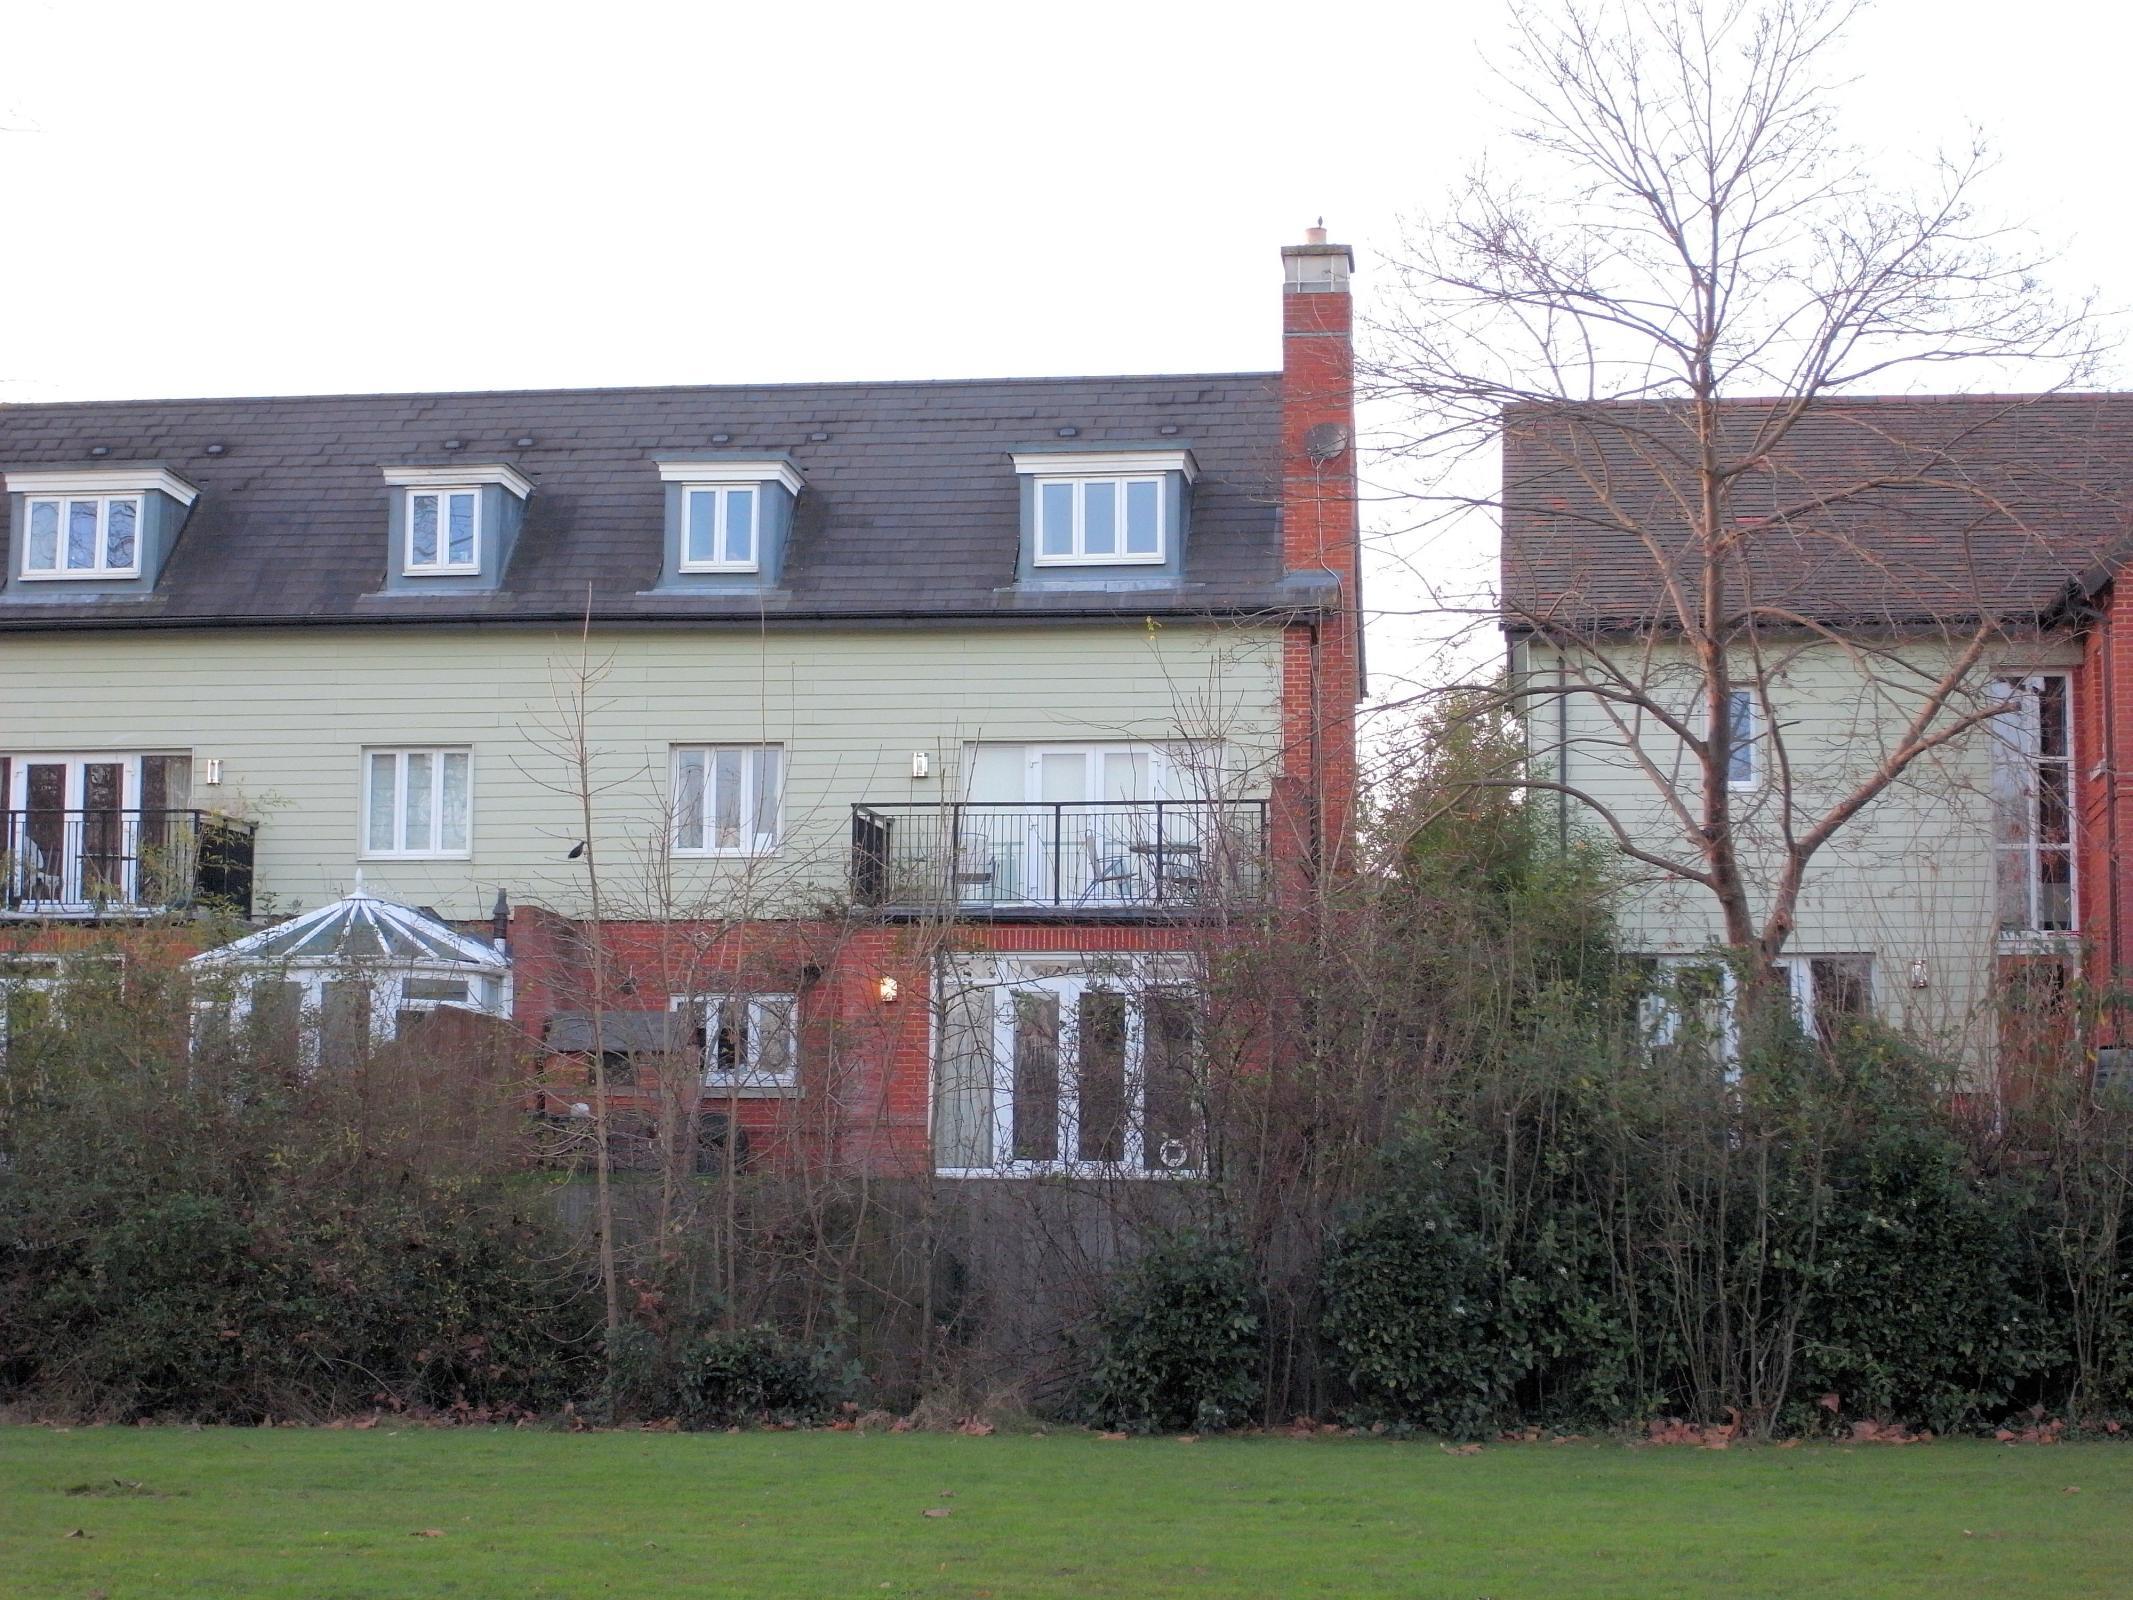 4 Bedrooms Semi Detached House for sale in Anderson Close, Queen Elizabeth Park, Guildford, Surrey, GU2